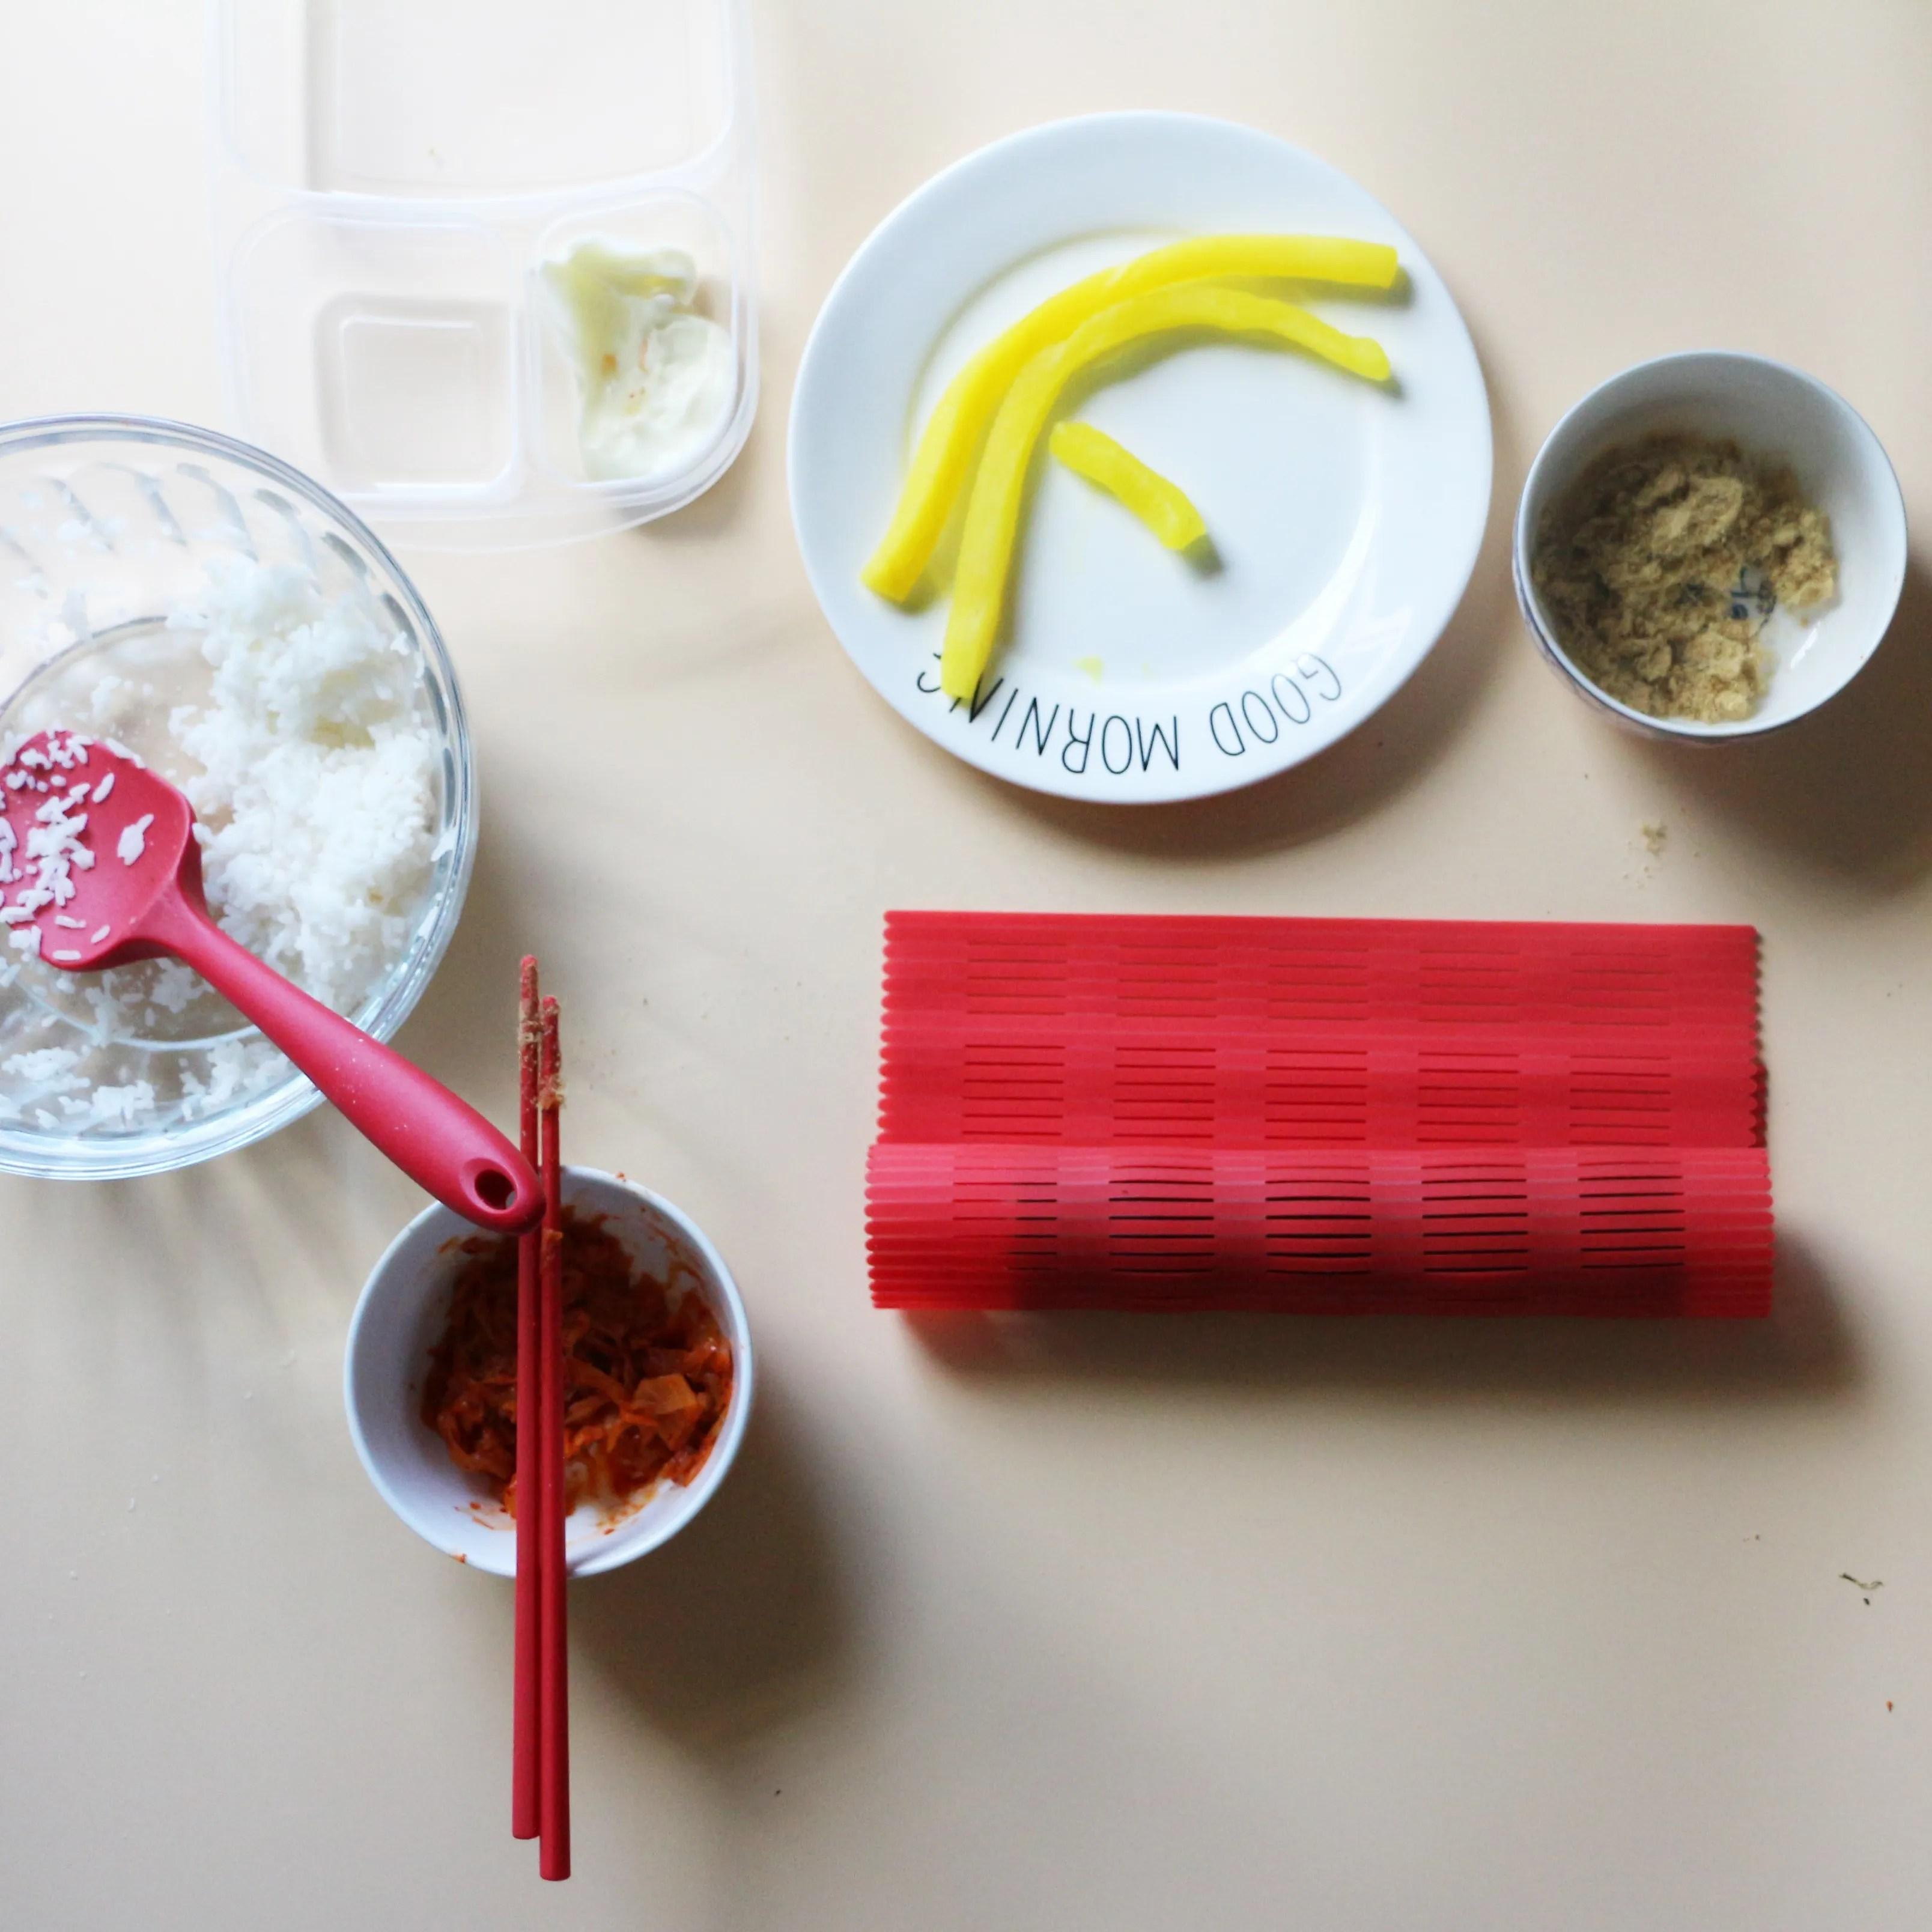 kit de fabrication pour sushis tapis a rouler antiadhesif en silicone de couleur noire 1 piece buy silicone tapis roulant non baton silicone tapis